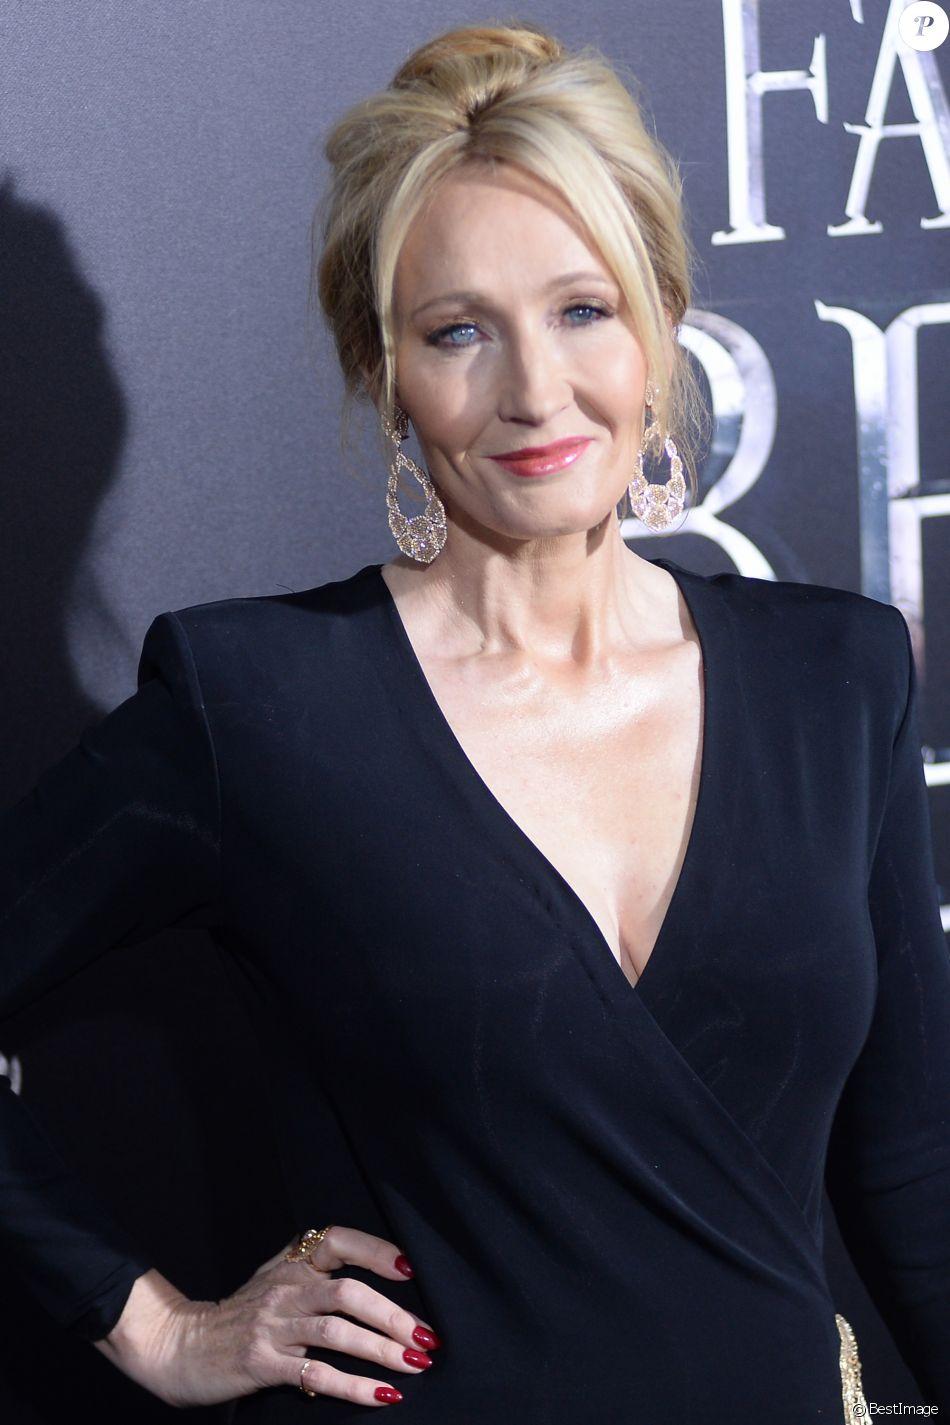 """J. K. Rowling lors de la première du film """"Fantastic Beasts and Where to Find Them"""" à la salle de spectacles Alice Tully Hall au Lincoln Center à New York City, New York, Etats-Unis, le 10 novembre 2016."""